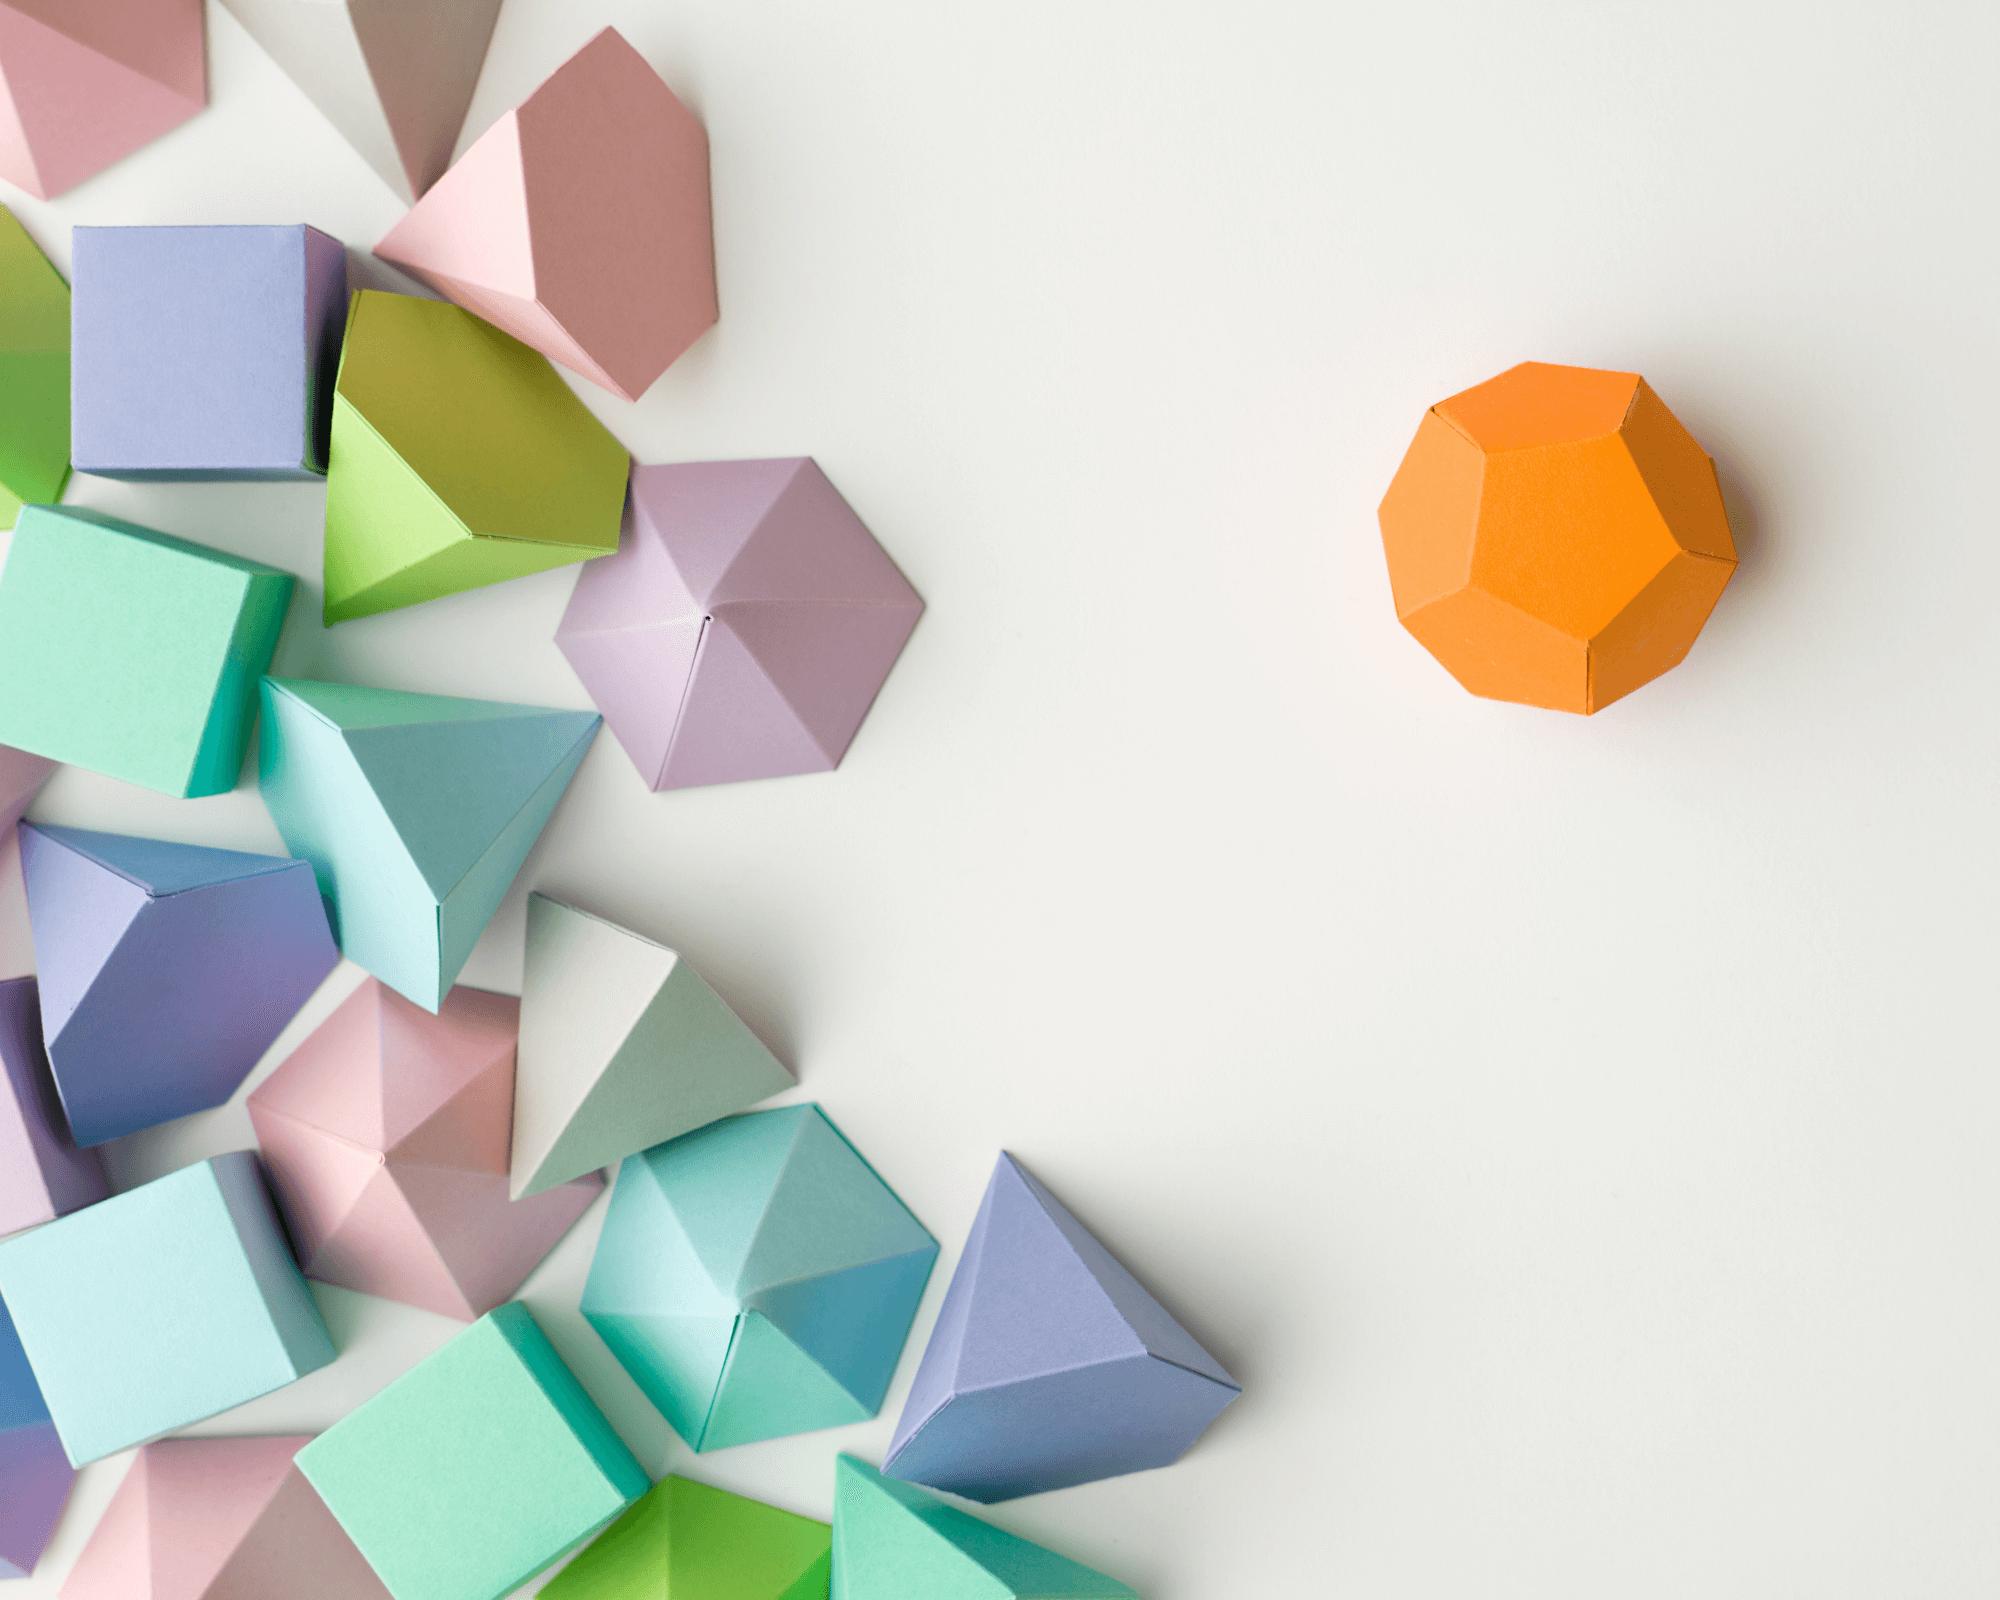 rombos, cubos y hexaedros de colores